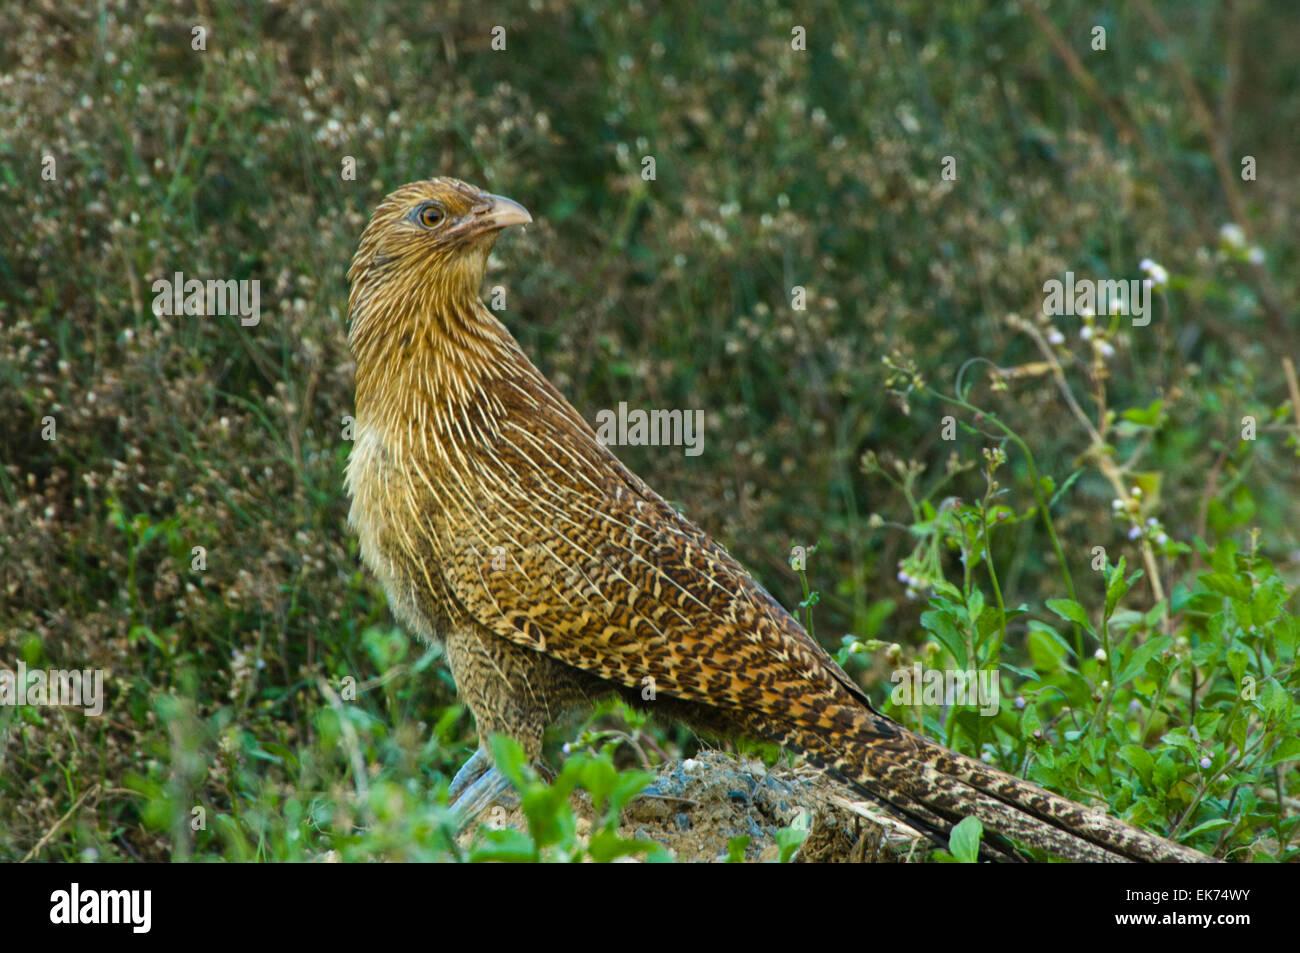 Pheasant Coucal (Centropus phasianinus), Queensland, Australia - Stock Image